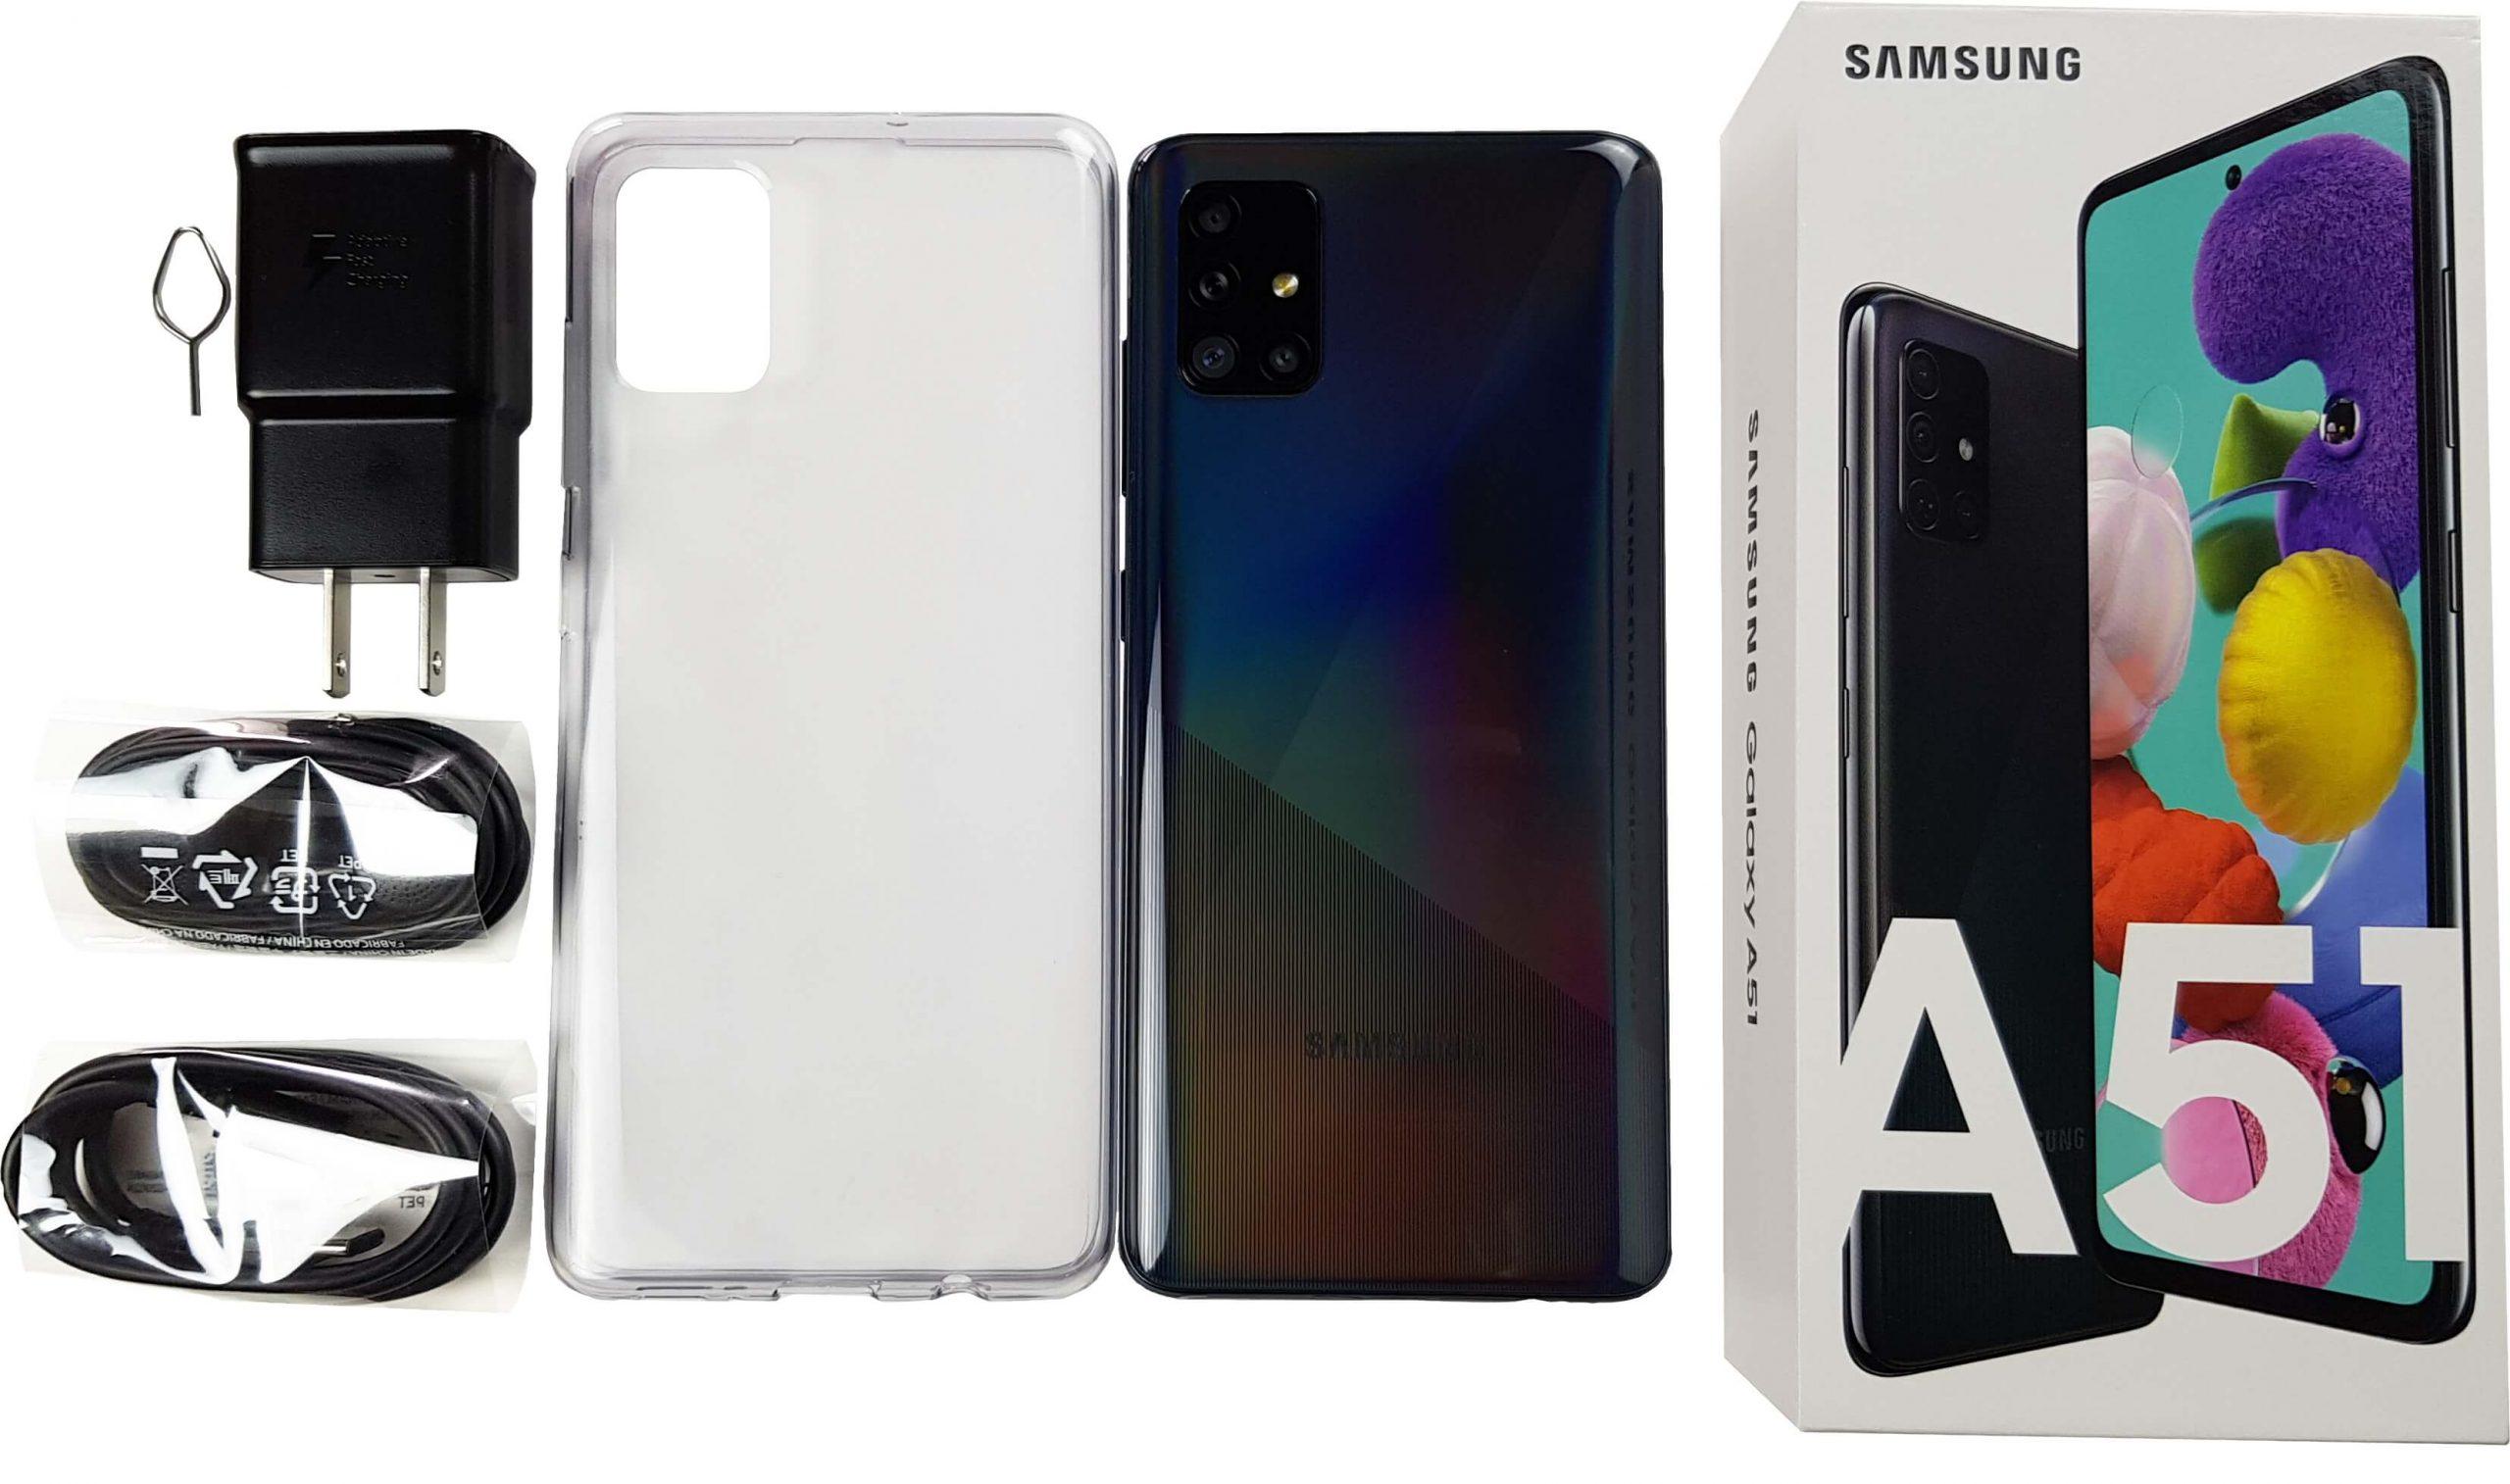 Todo lo que incluye el Samsung Galaxy A51 en su caja.